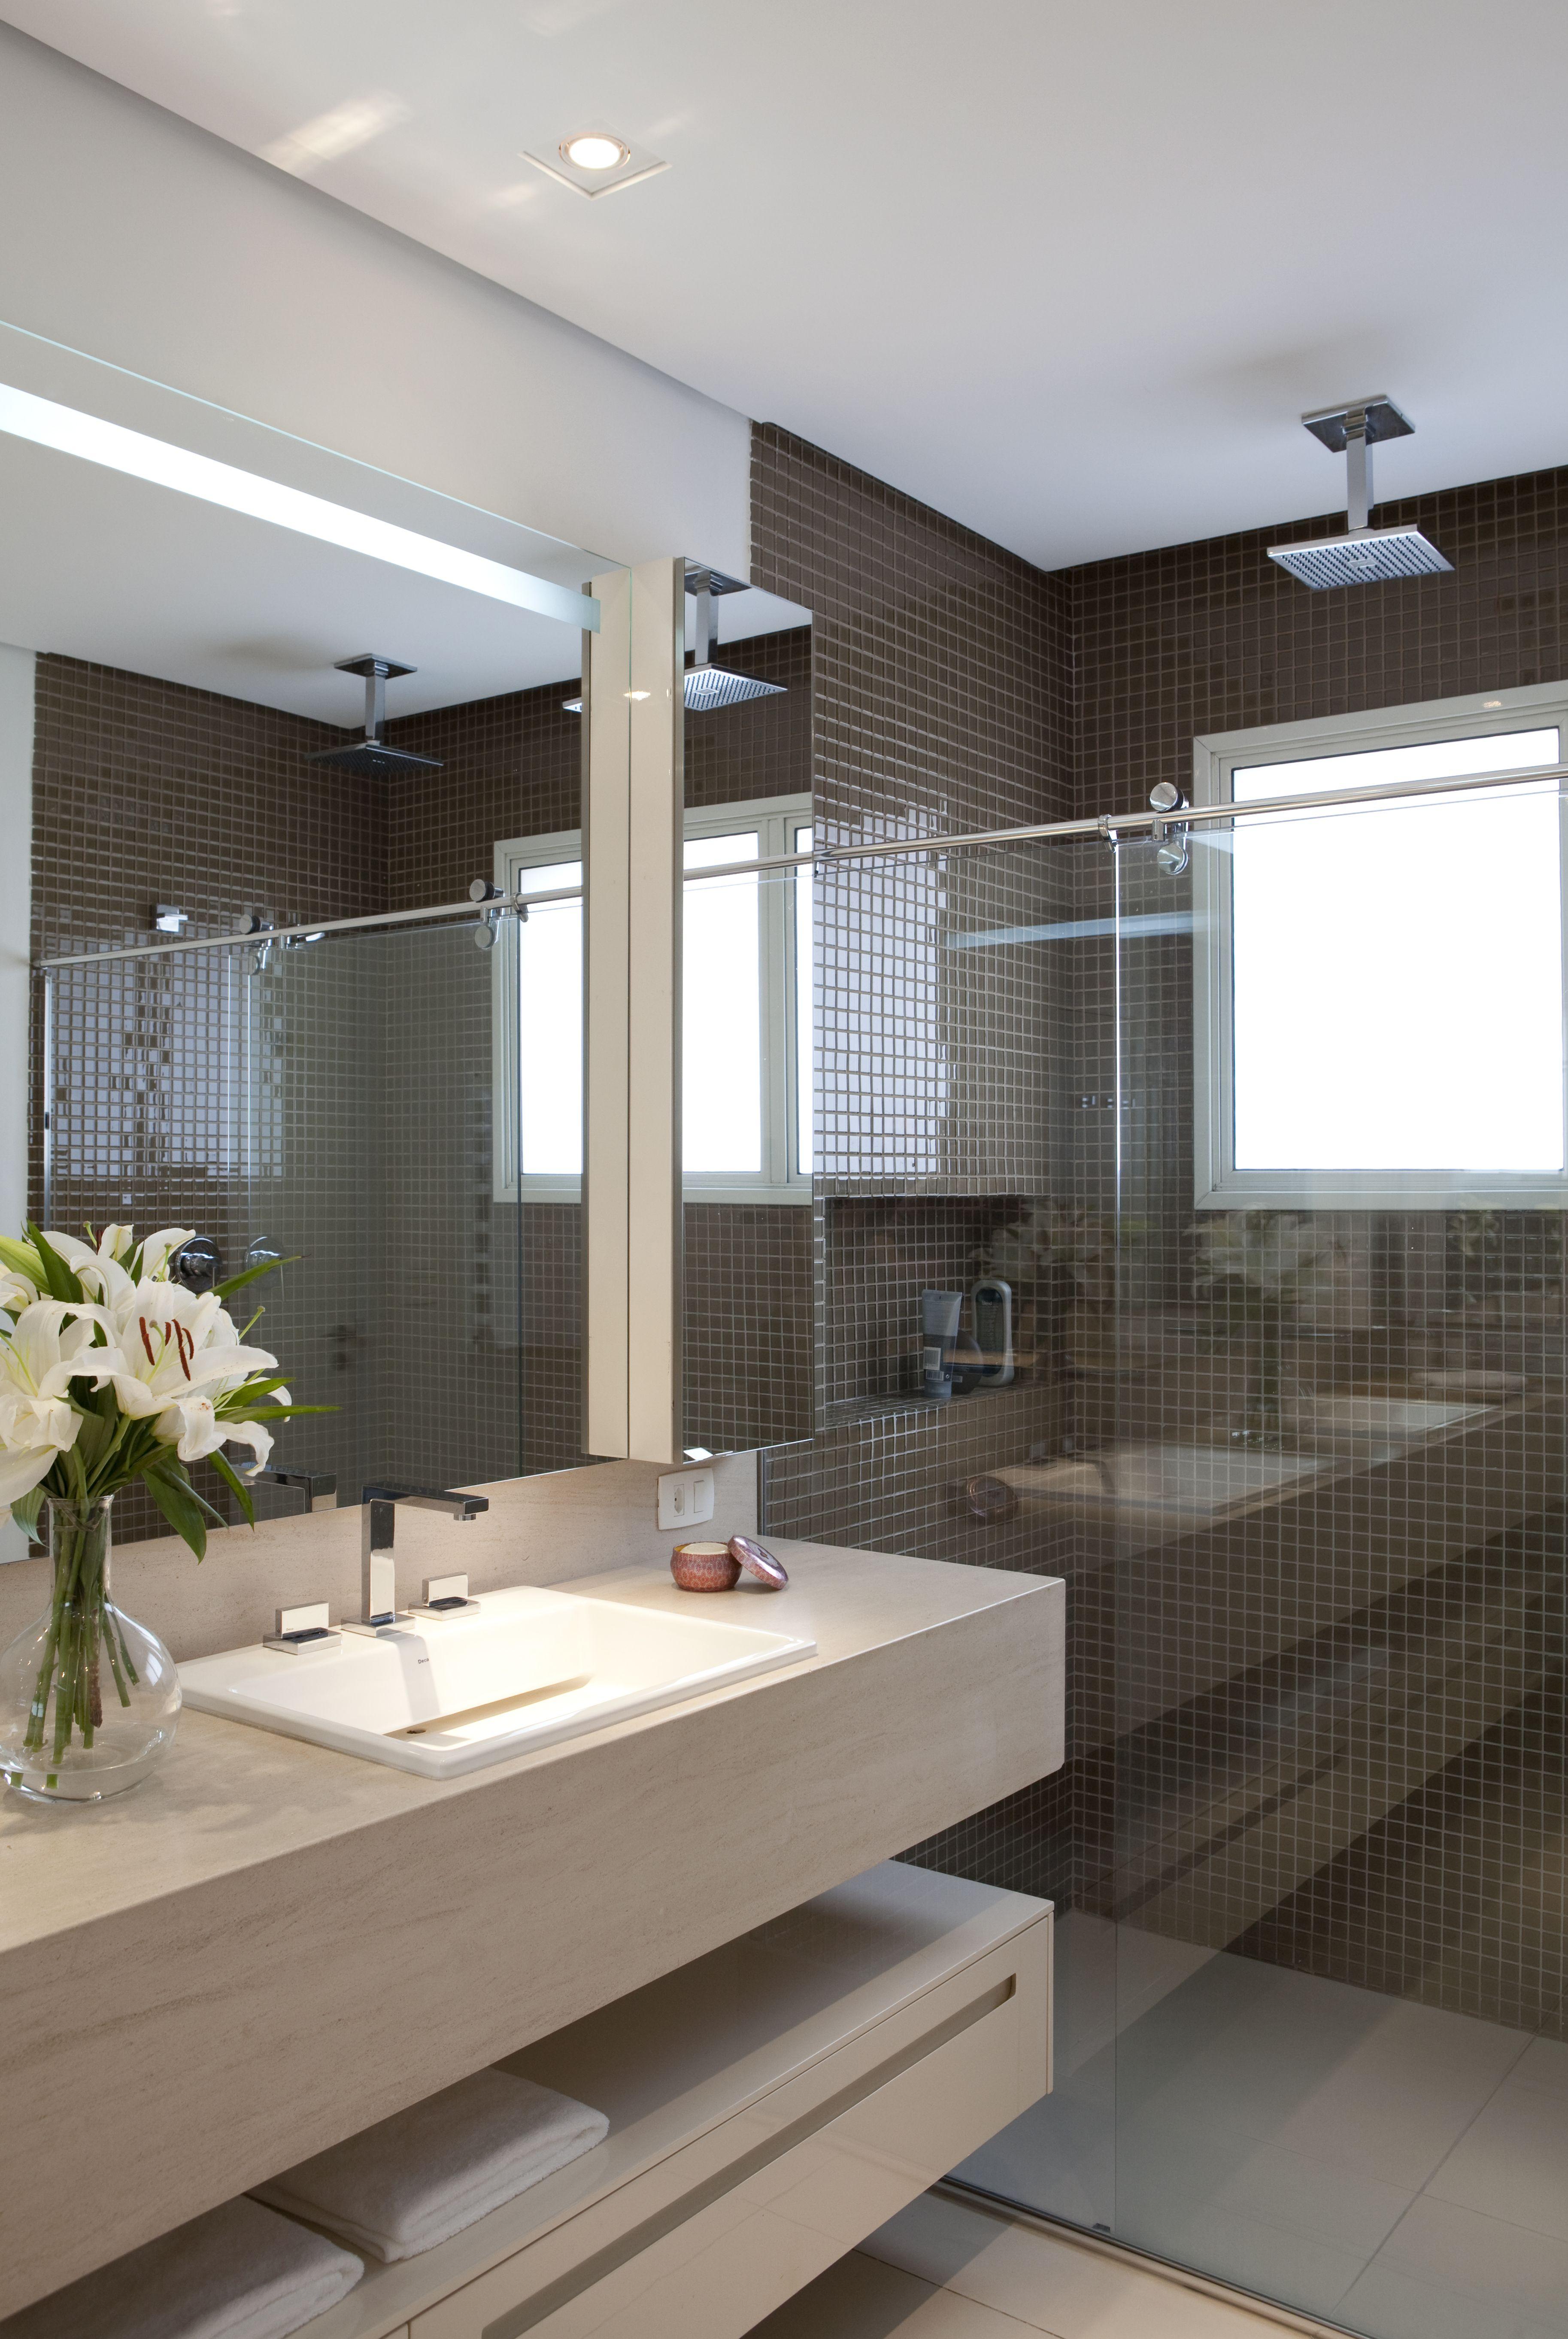 Gostei desse banheiro e do porta xampu embutido na parede. Mas achei a  #776954 3653x5449 Banheiro Arquitetura E Construção